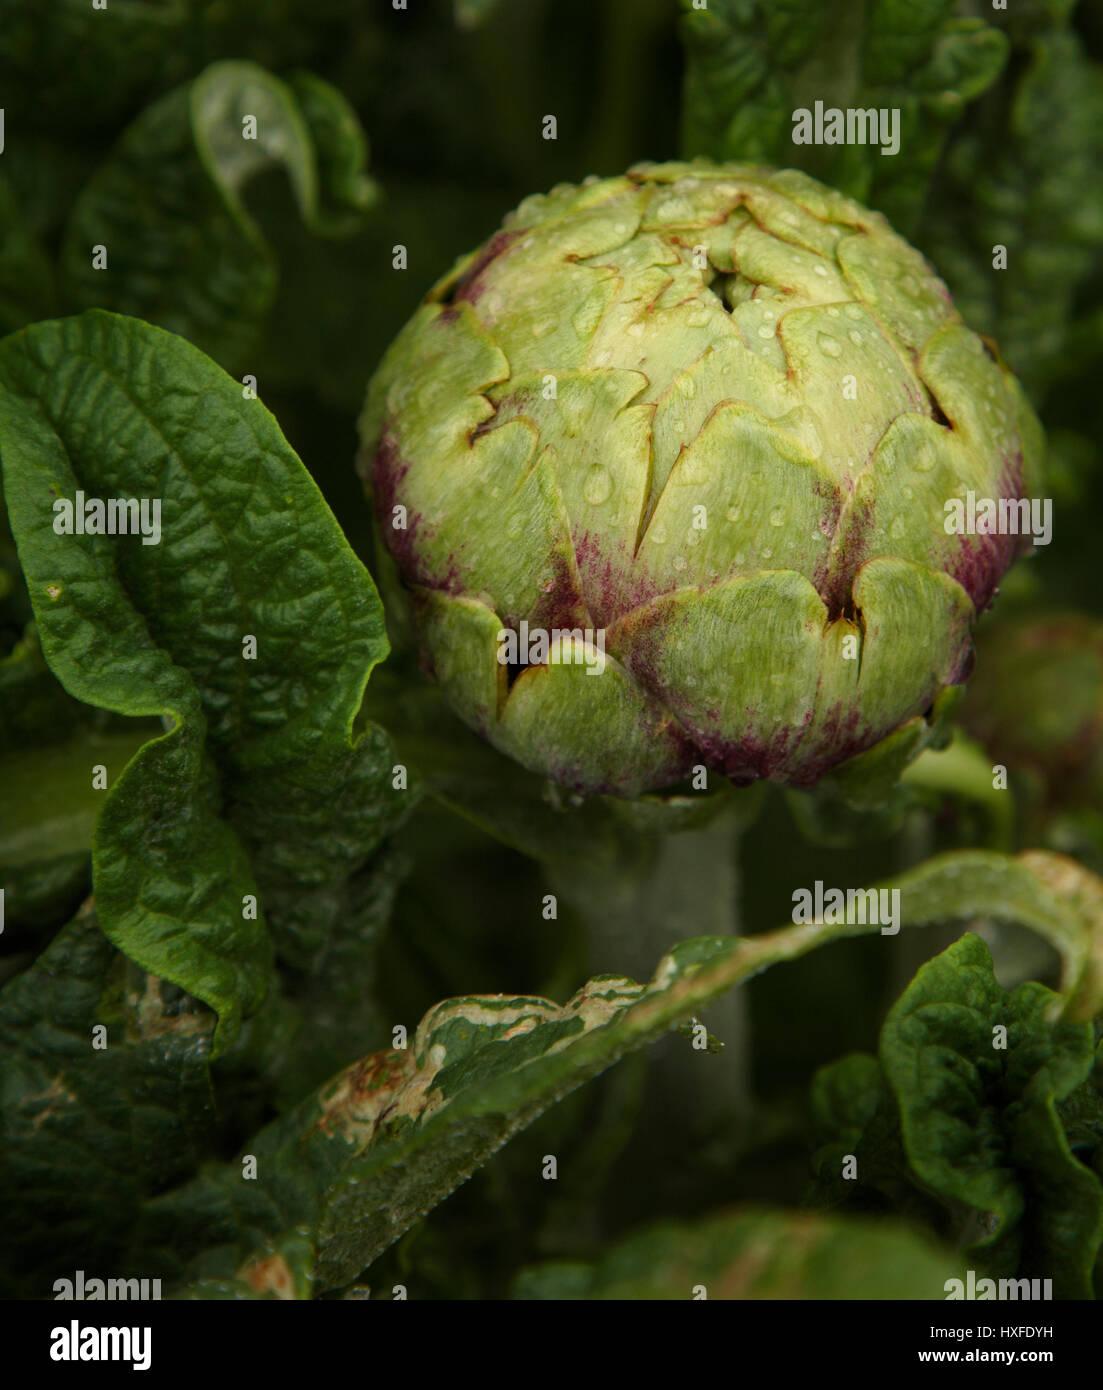 Verde brillante alcachofas crecen en parche vegetal Cynara cardunculus Imagen De Stock